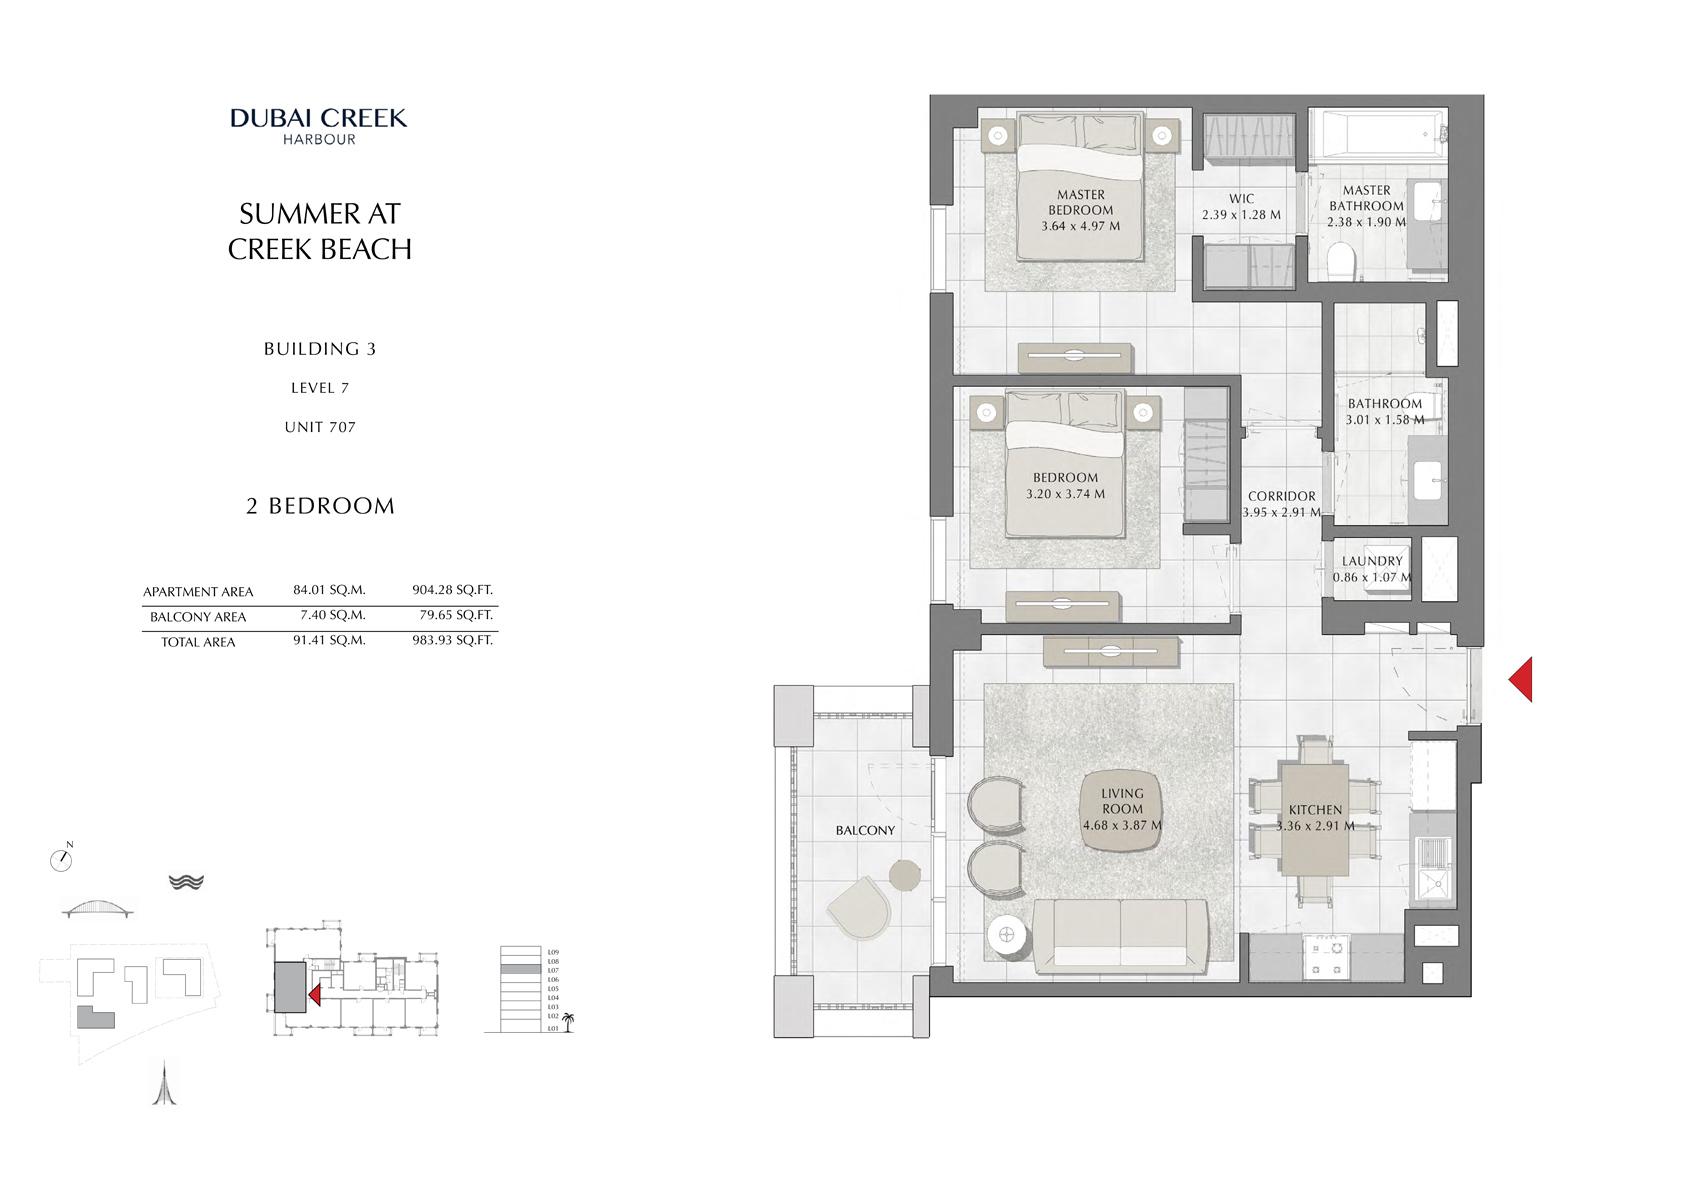 2 Br Building 3 Level 7 Unit 707, Size 983 Sq Ft